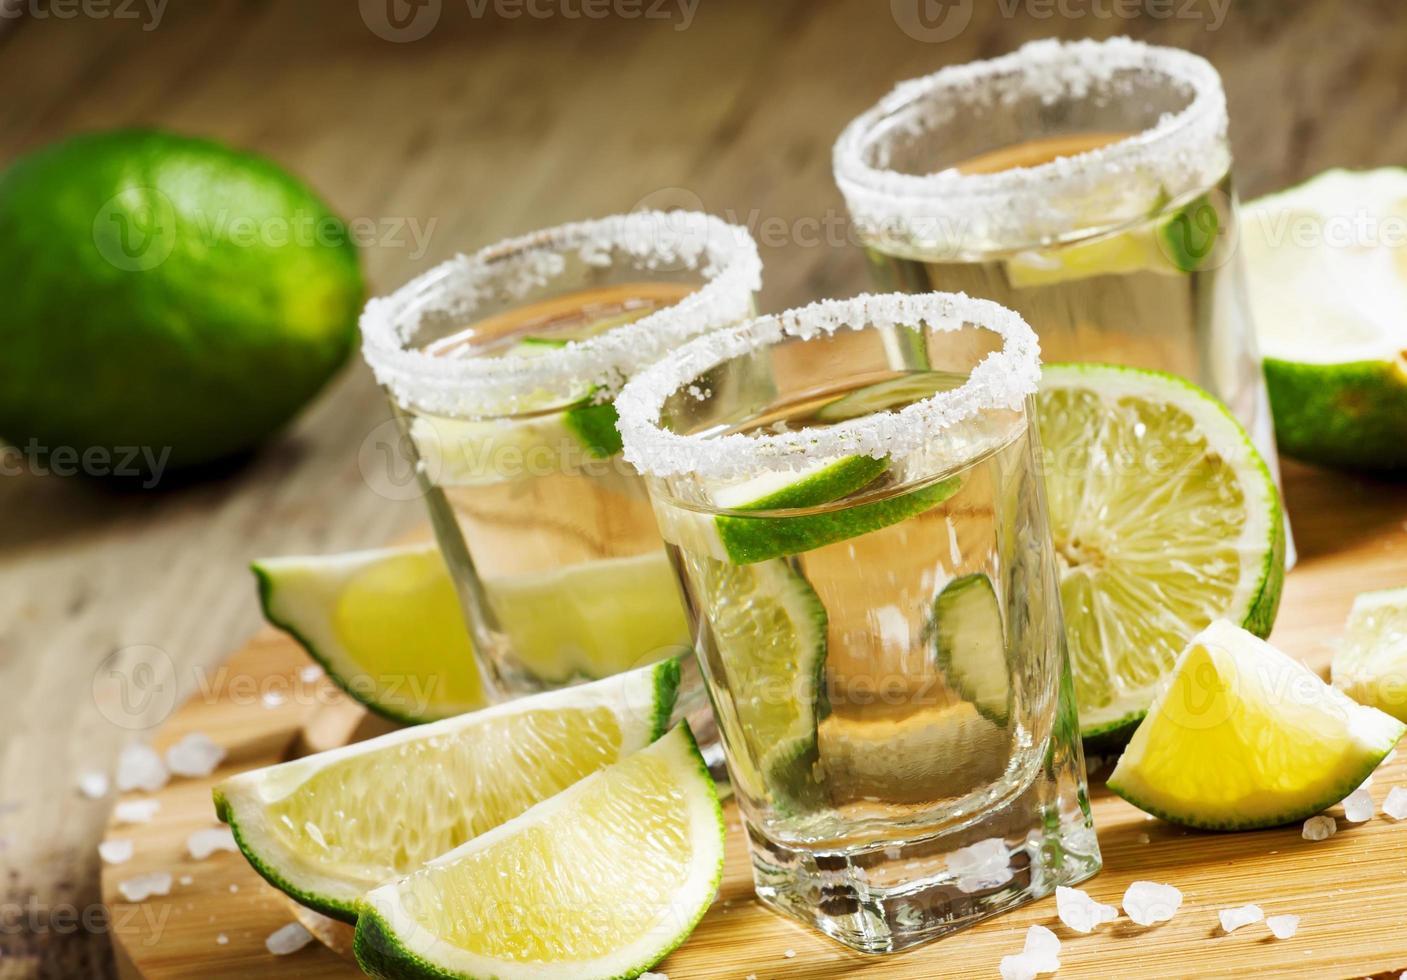 tequila mexicaine en argent avec citron vert et sel photo